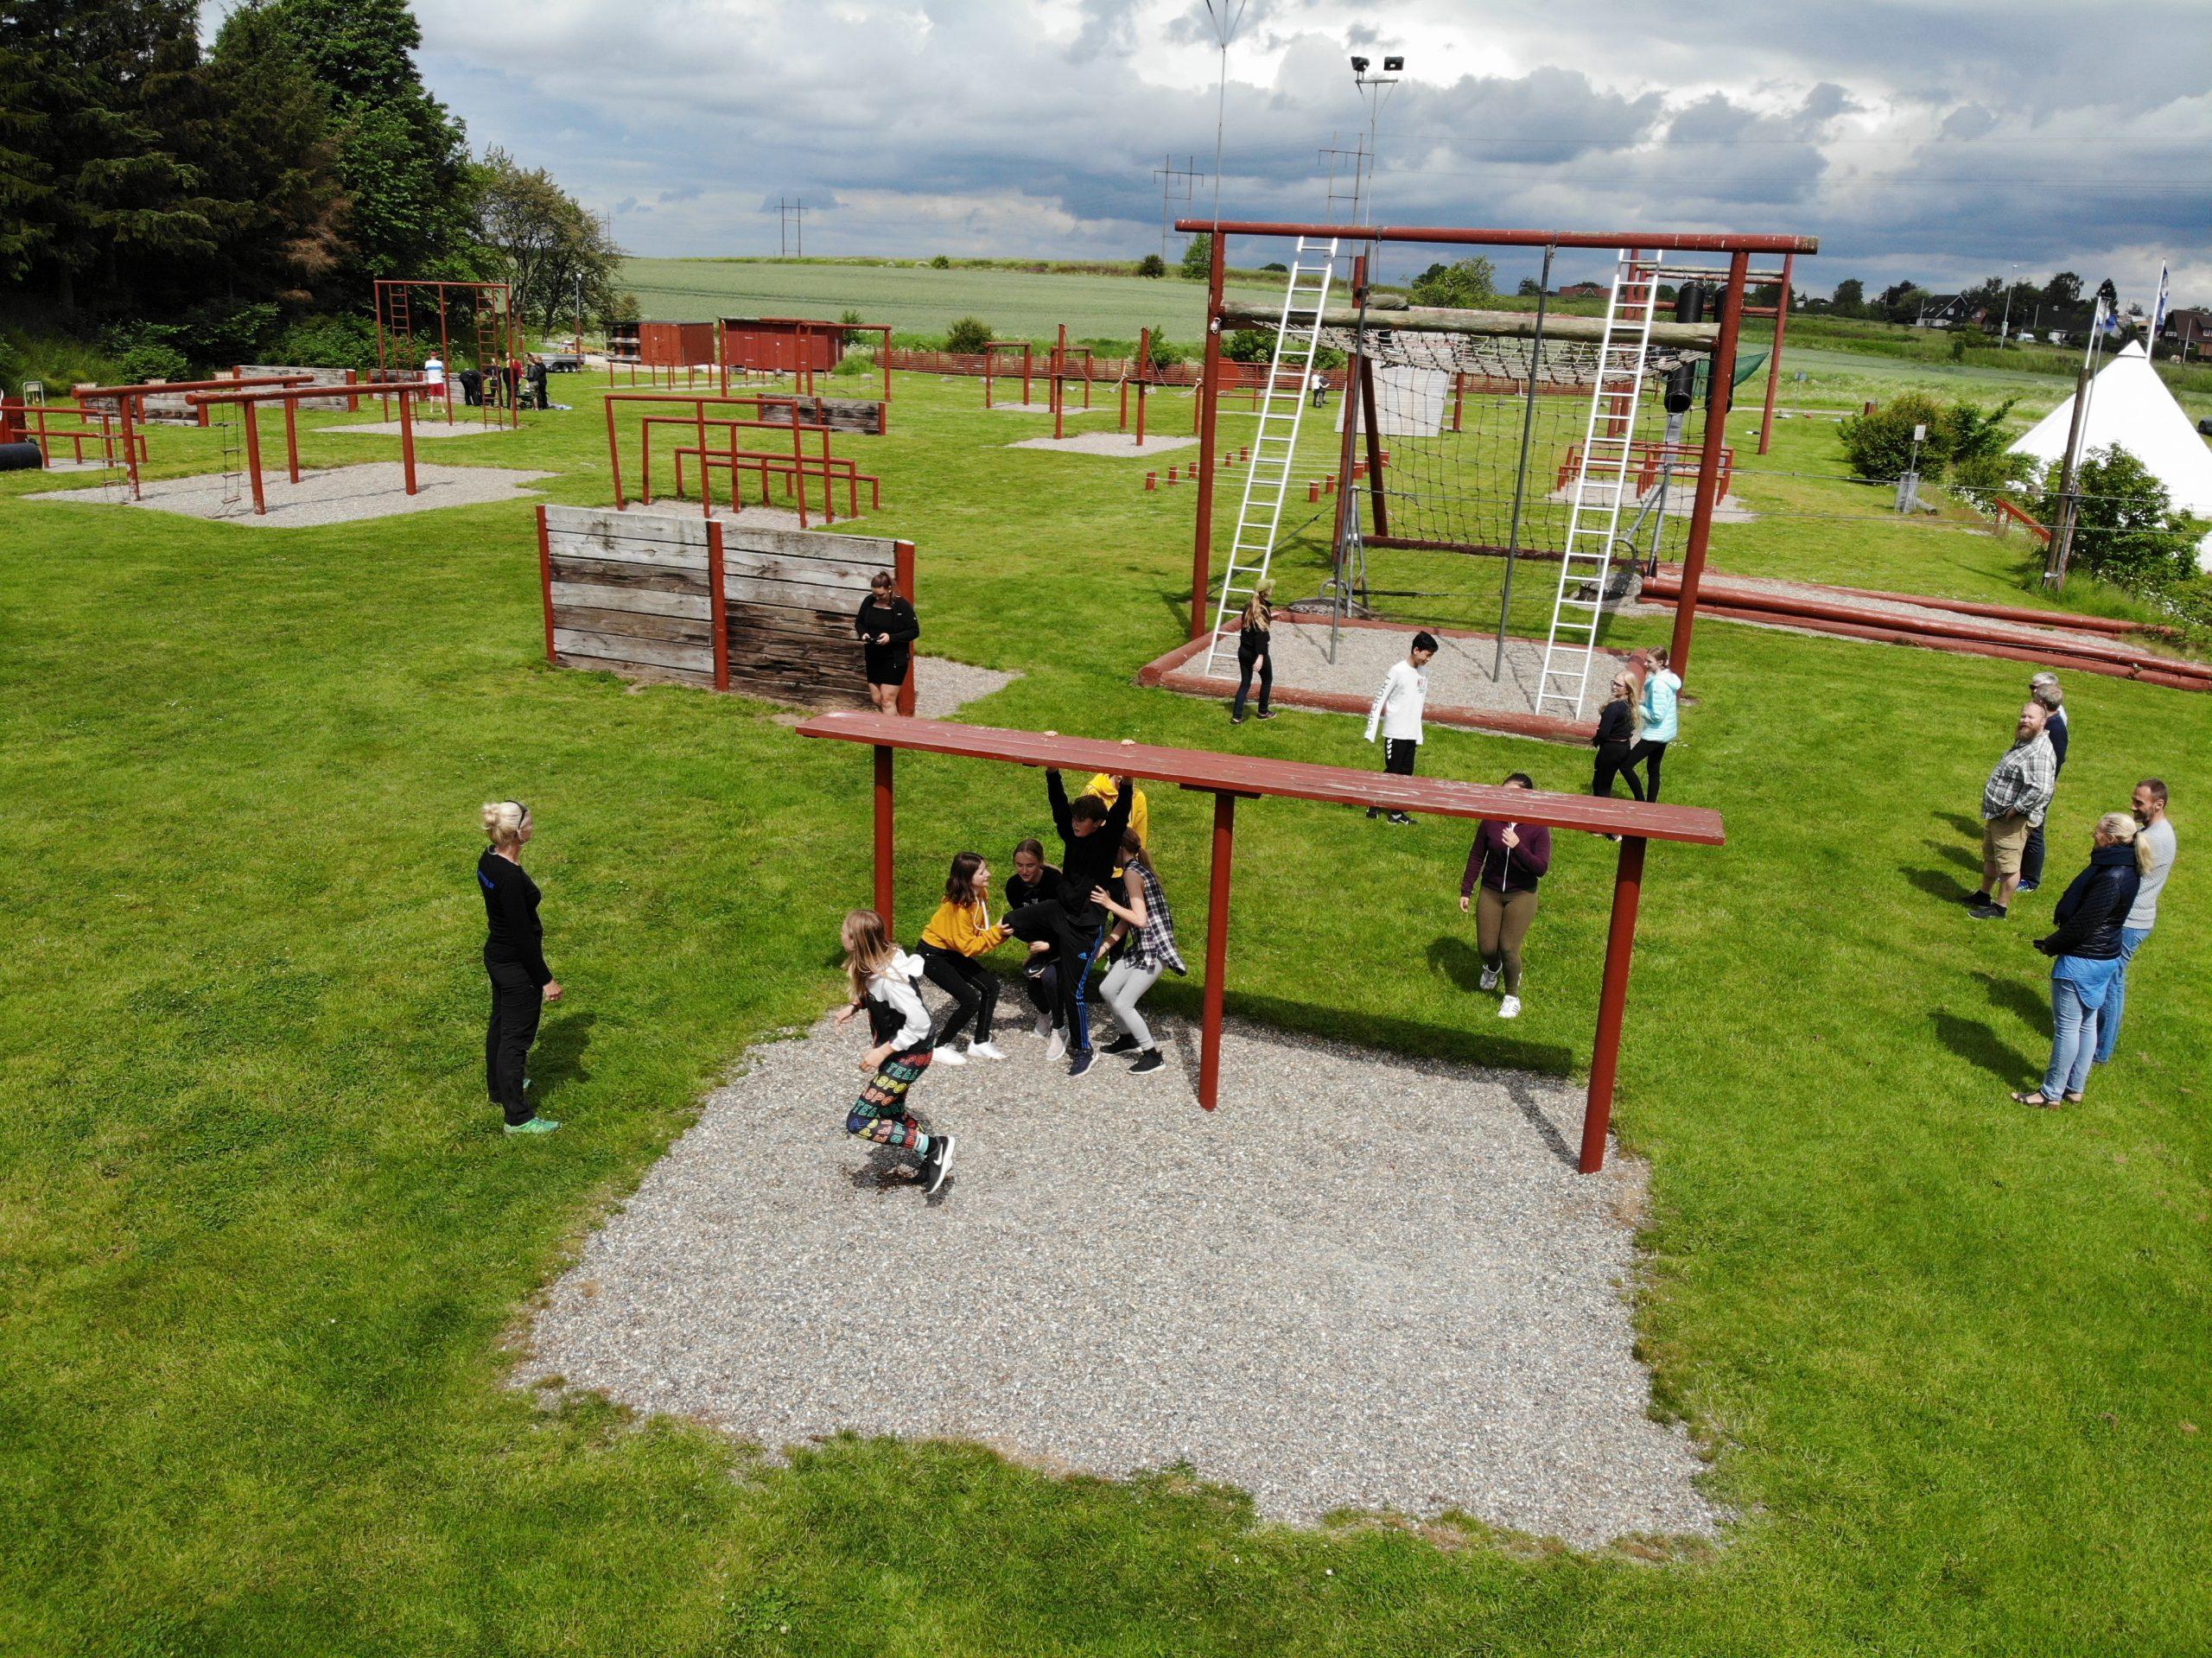 En gruppe hjælper hinanden ved Den Irske Bænk